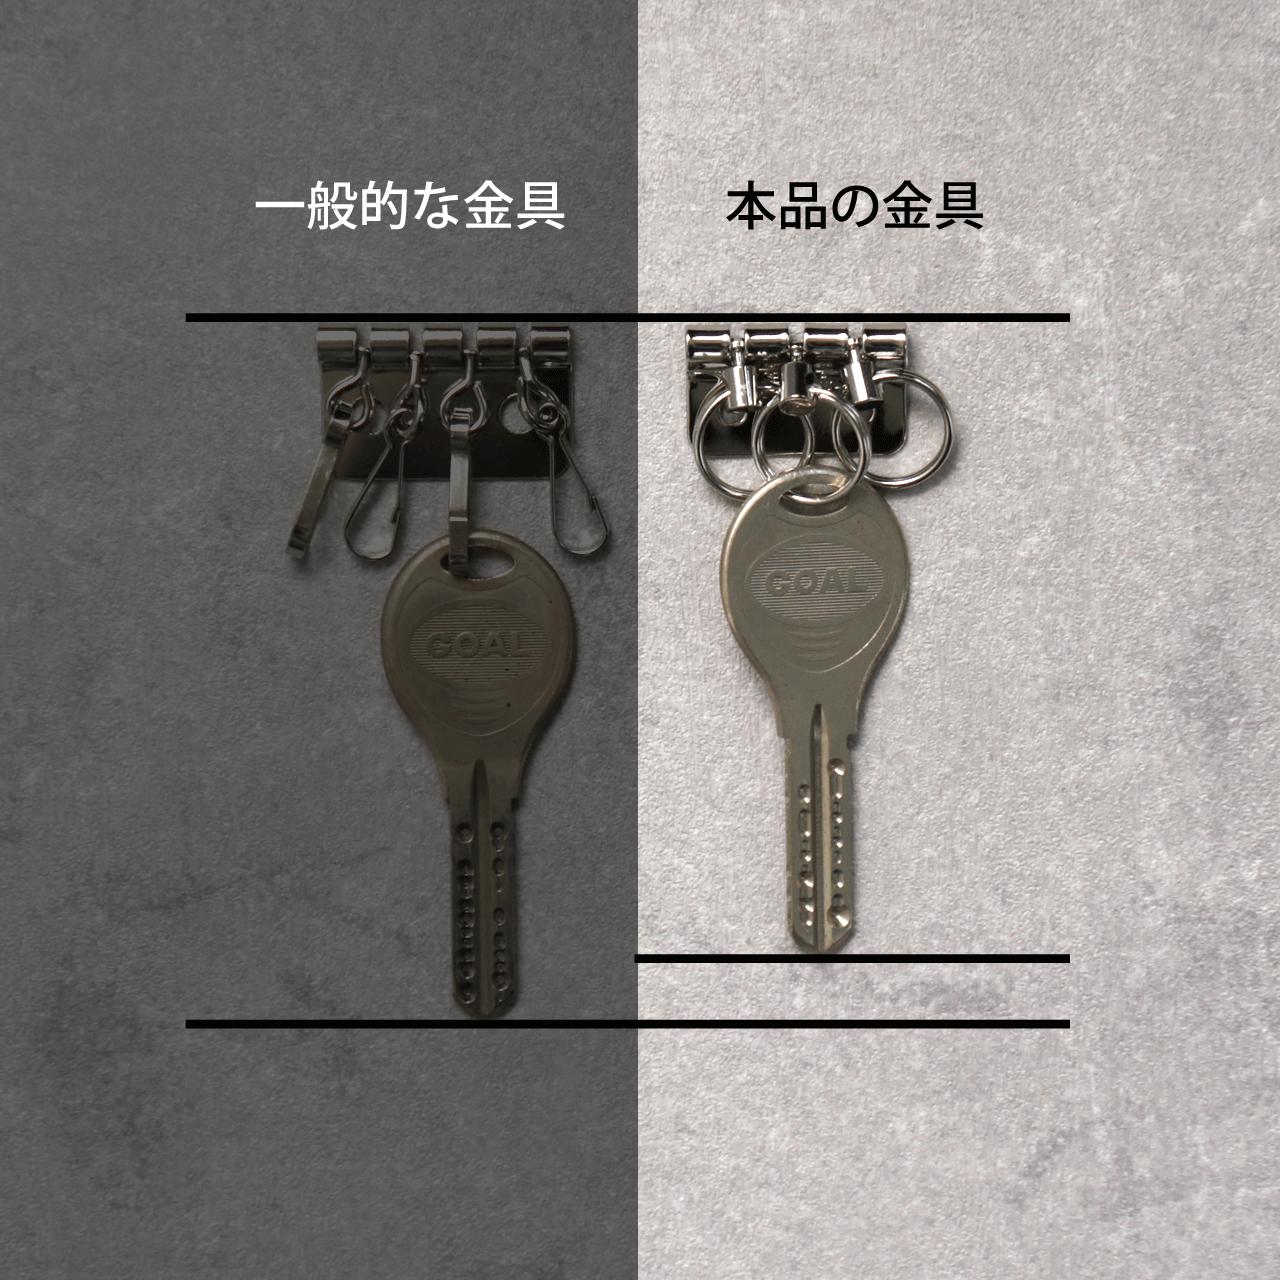 ギリギリぴったり鍵が入るコンパクトキーケース(本革)★ステッチ選べる★レッド